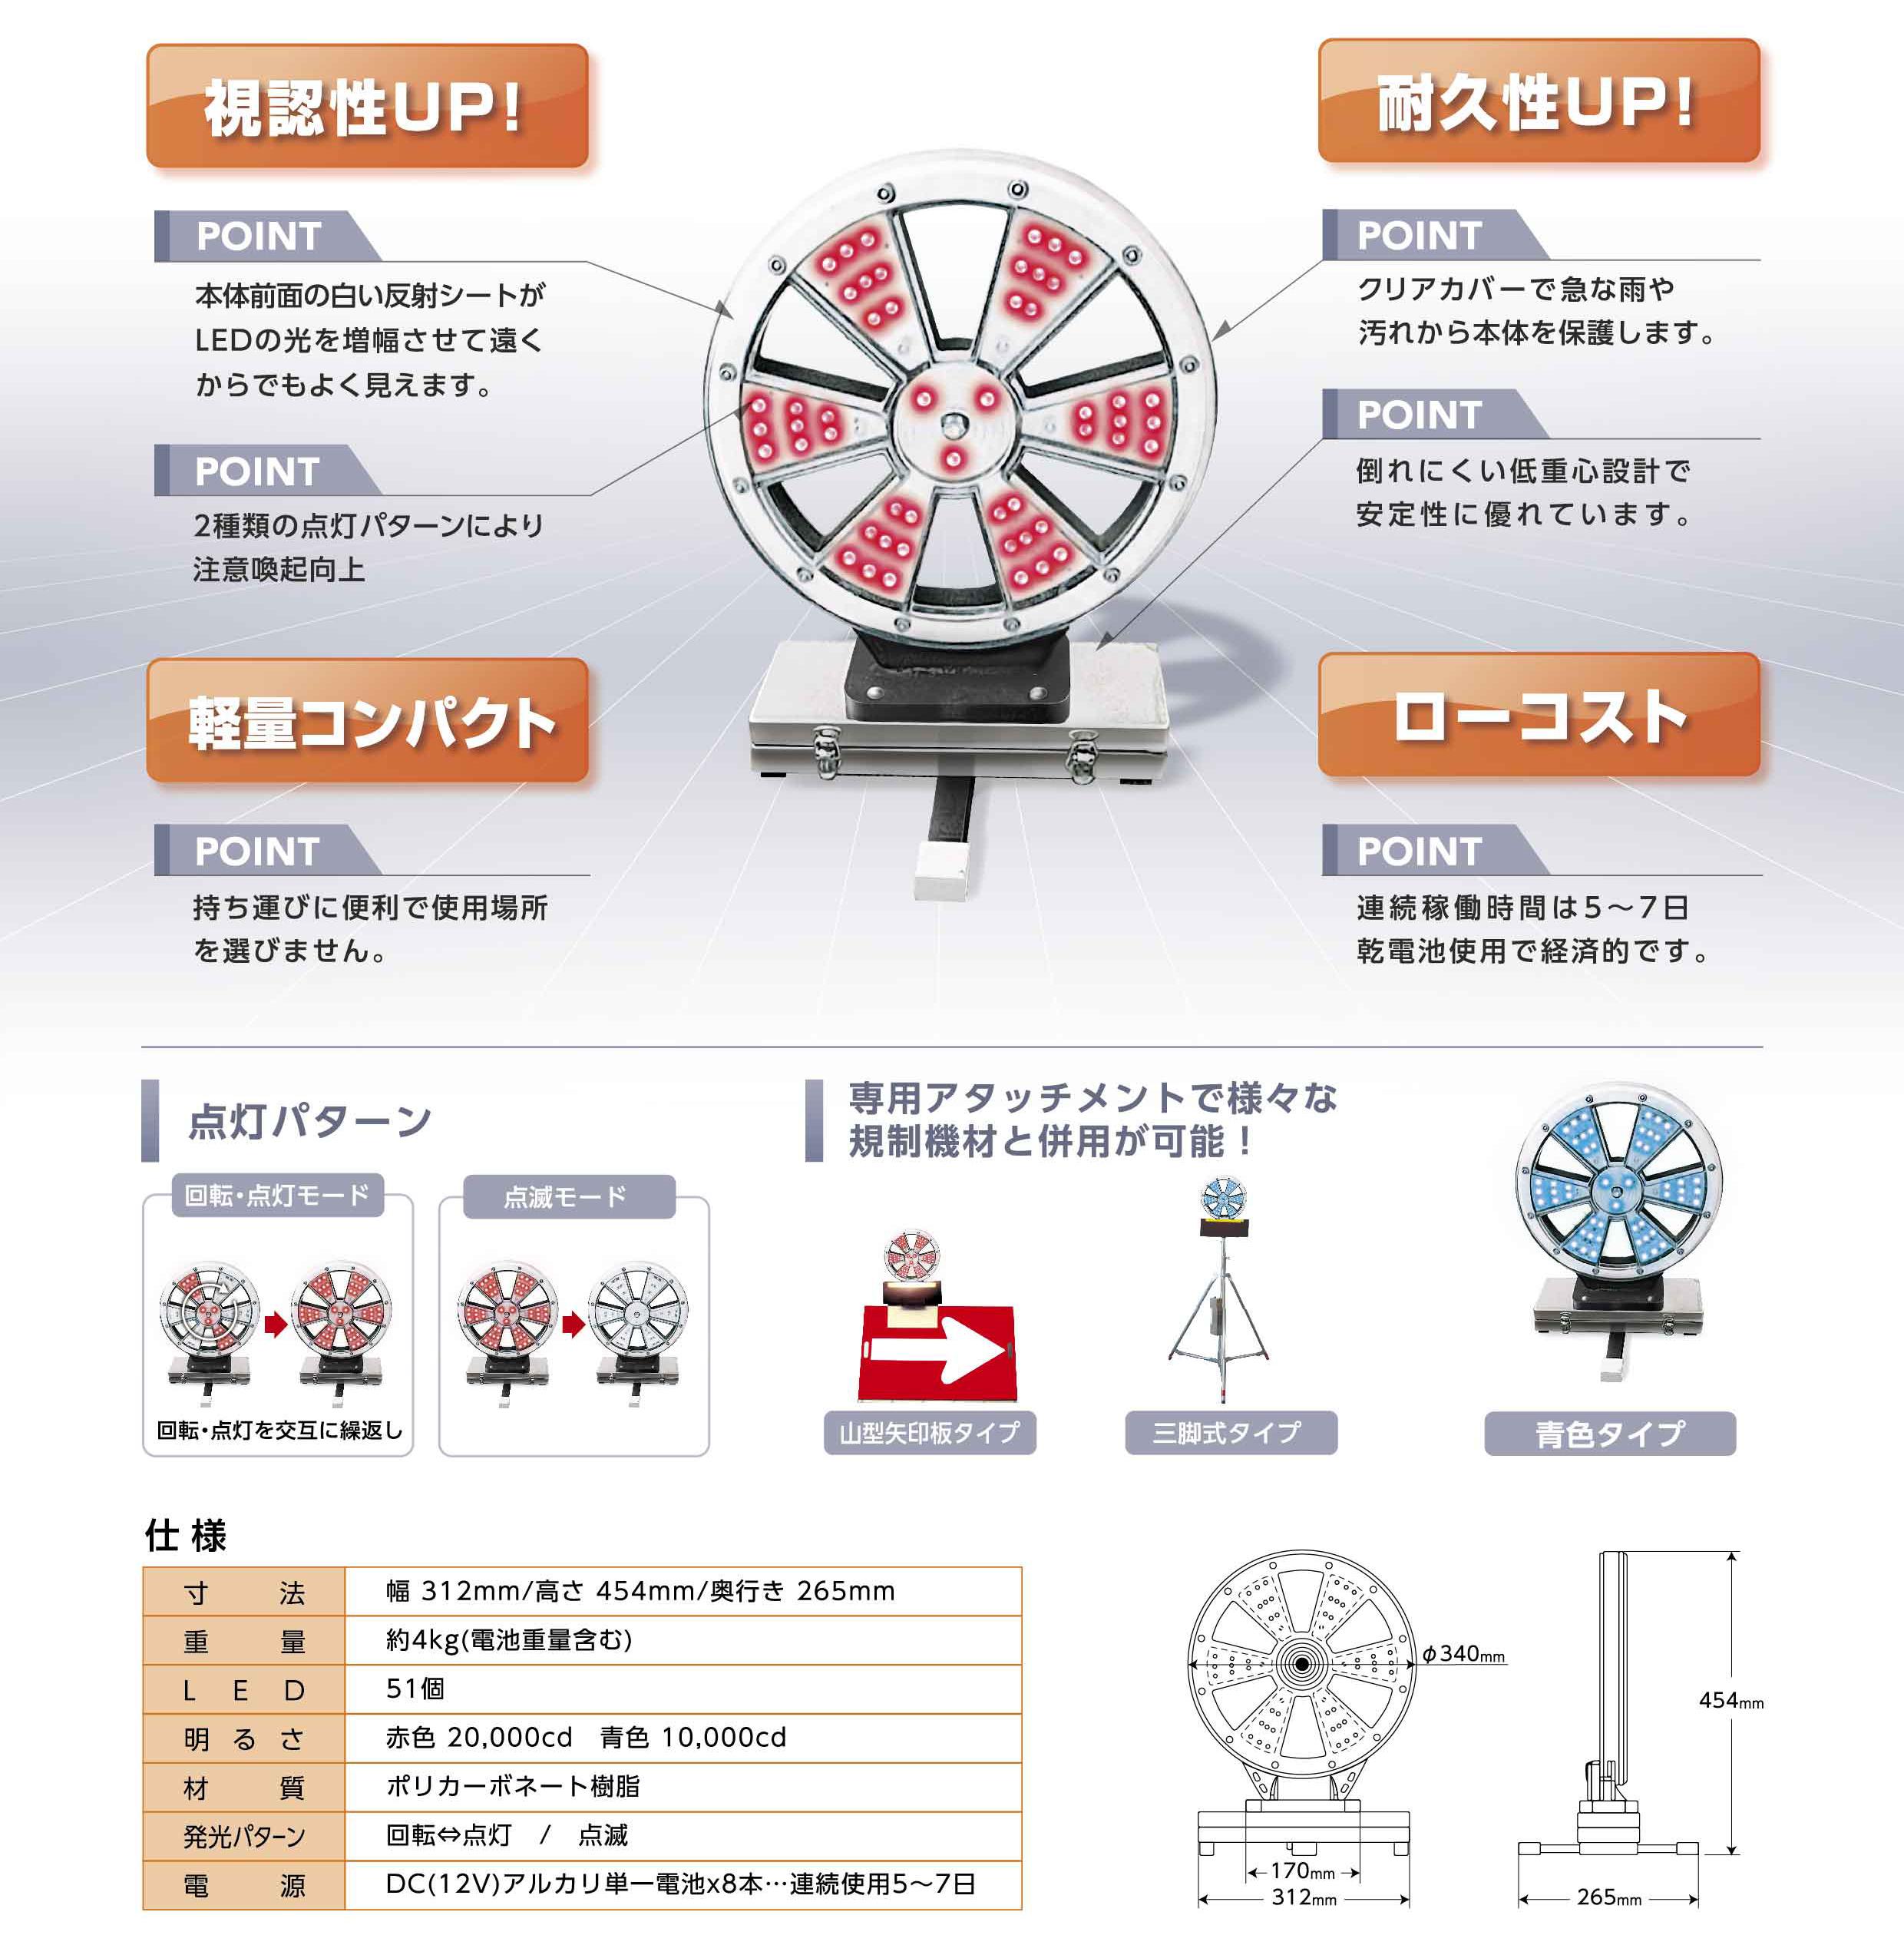 ピカポンⅡ(携行式LED警告灯)